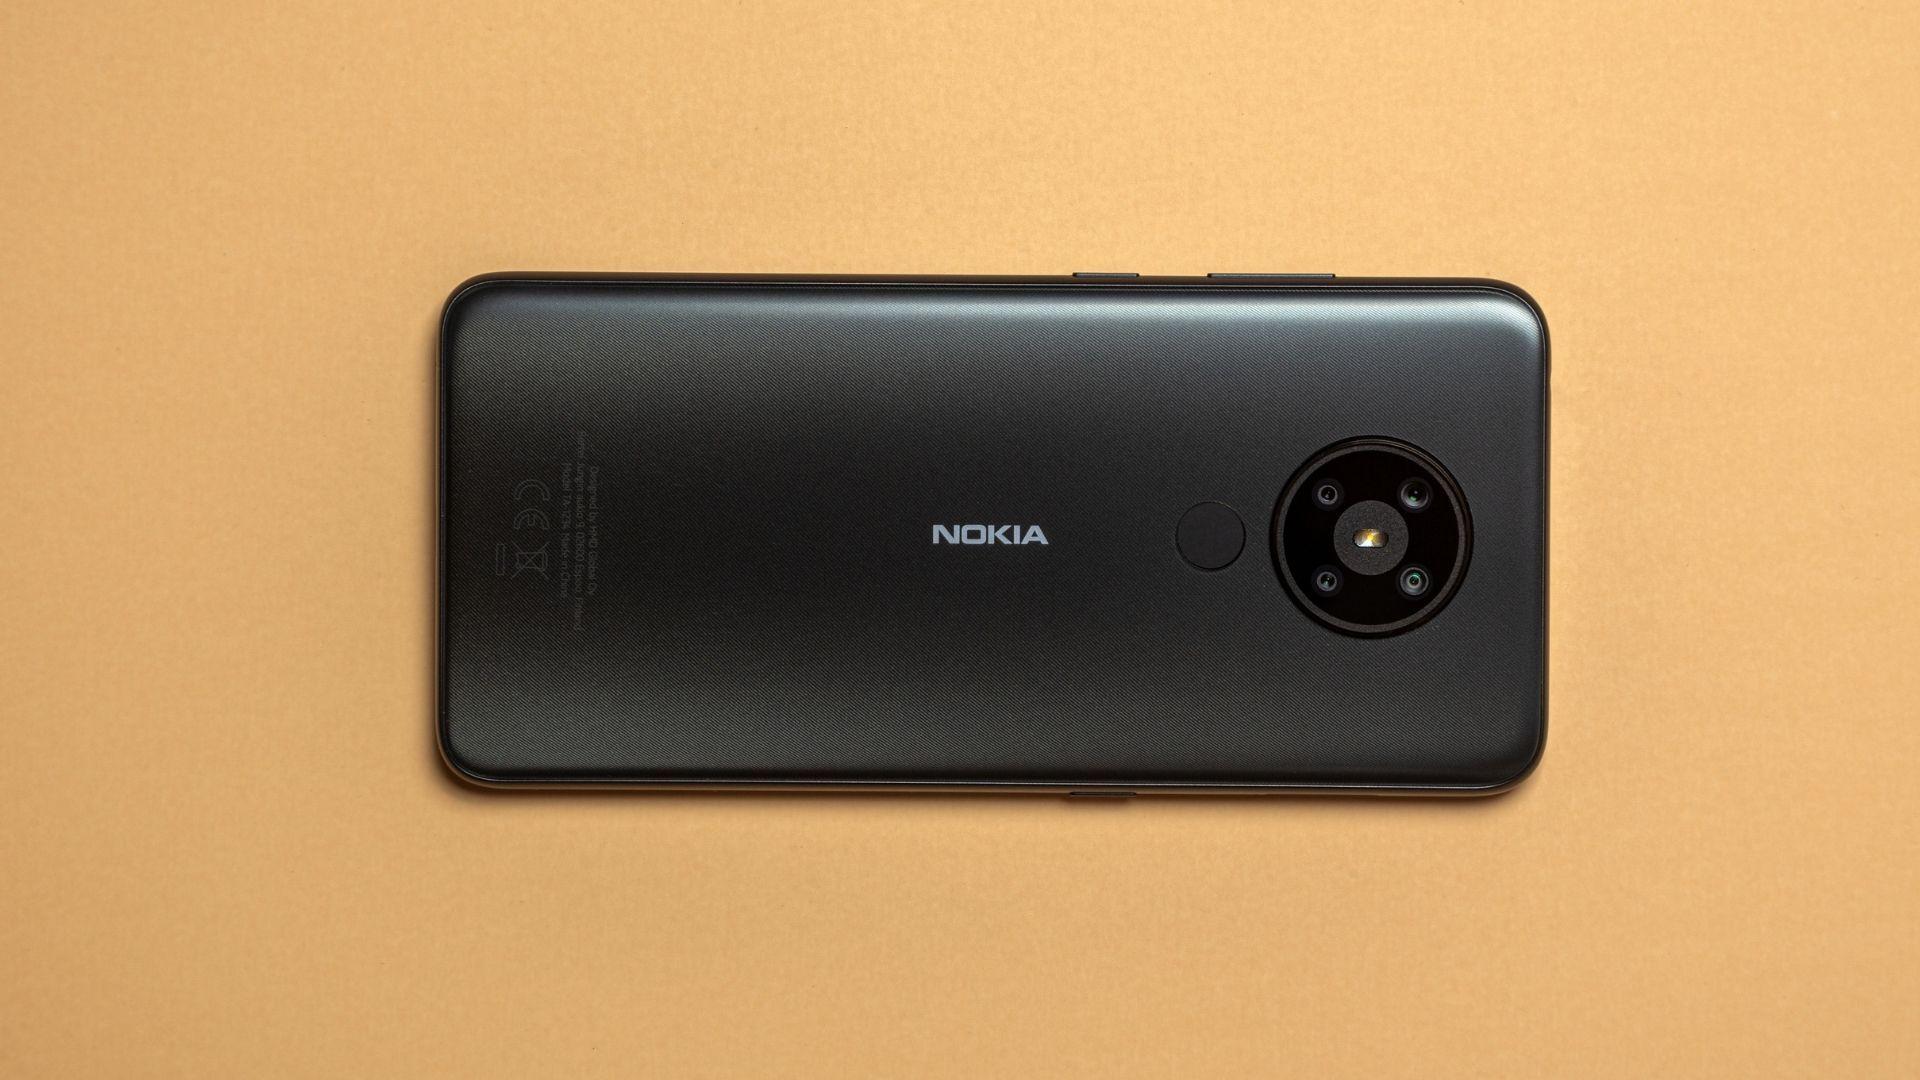 Nokia 5.3 preto em fundo amarelado com parte traseira em destaque